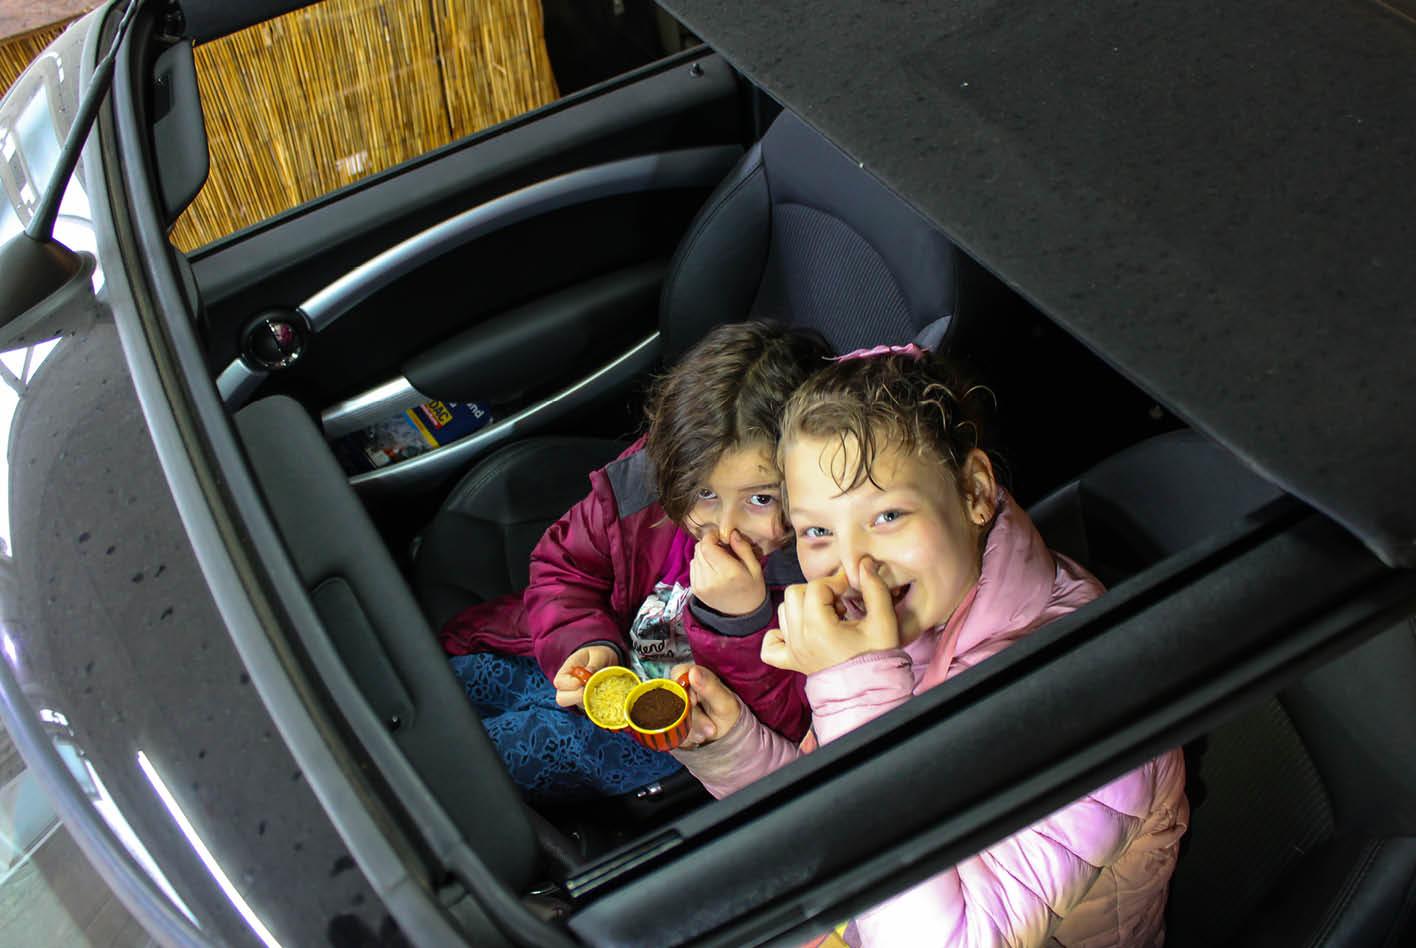 Kinder auf den Vordersitzen mit einer Tasse Kaffee und Reis in der Hand. Hilft gegen Gerüche.